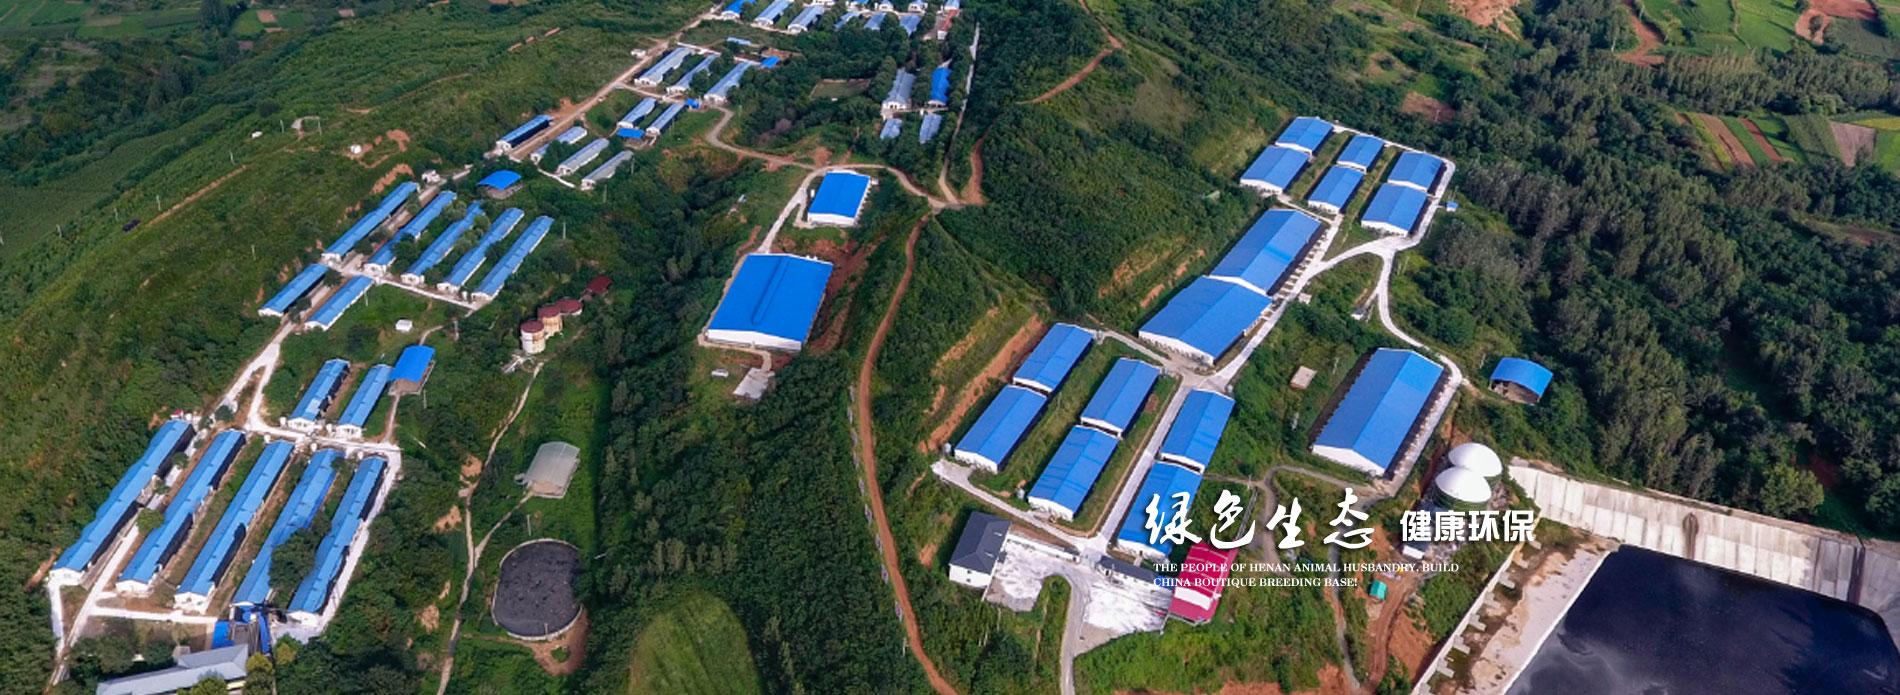 河南kai凯发真人游戏农牧股份有限公司